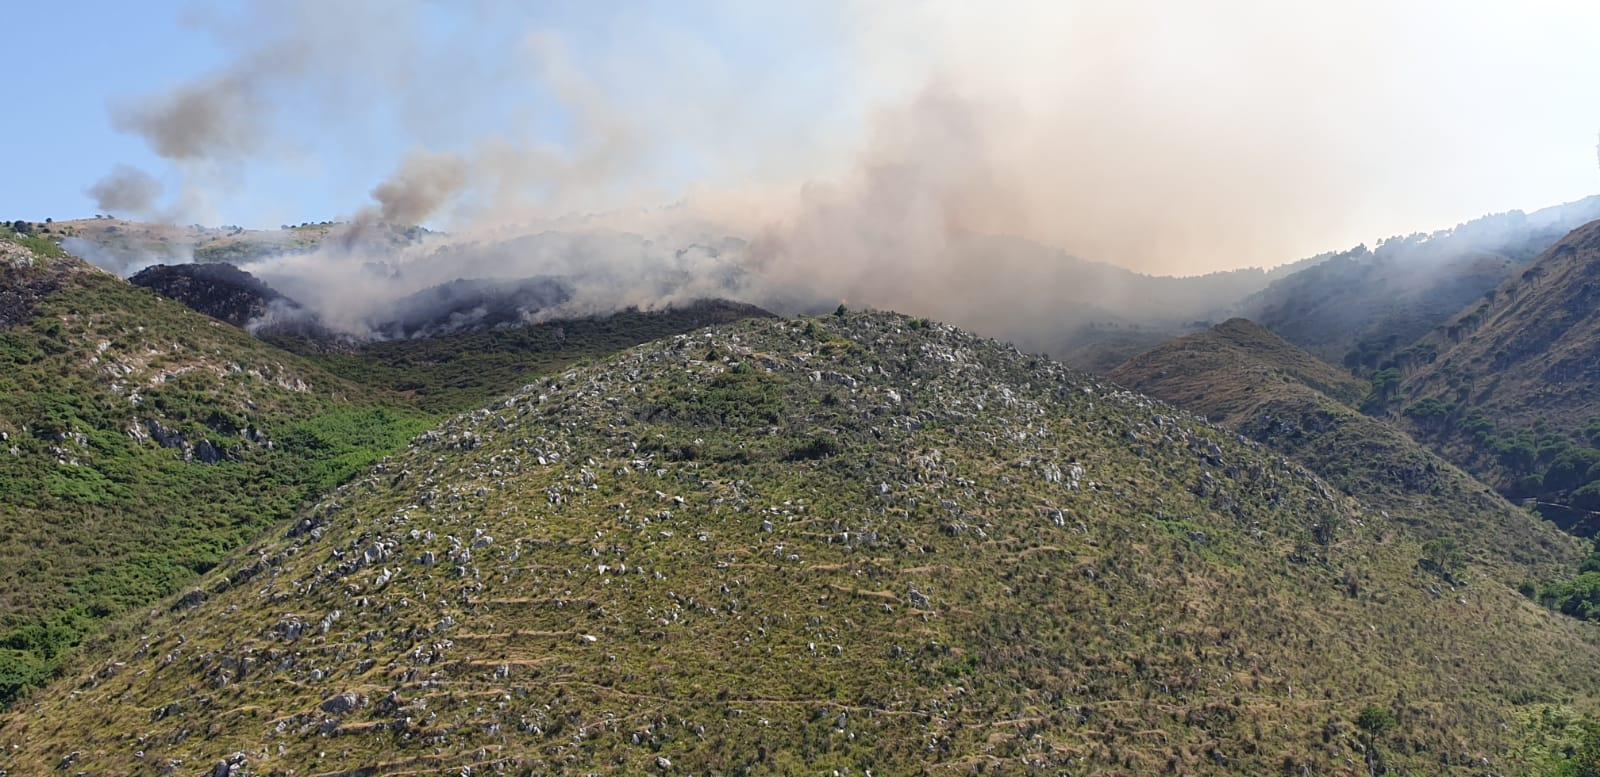 L'82° Centro C.S.A.R.dell'Aeronautica Militare effettua 3ore di volo e 10 lancicon 9mila litri di acquaper combattere un incendio